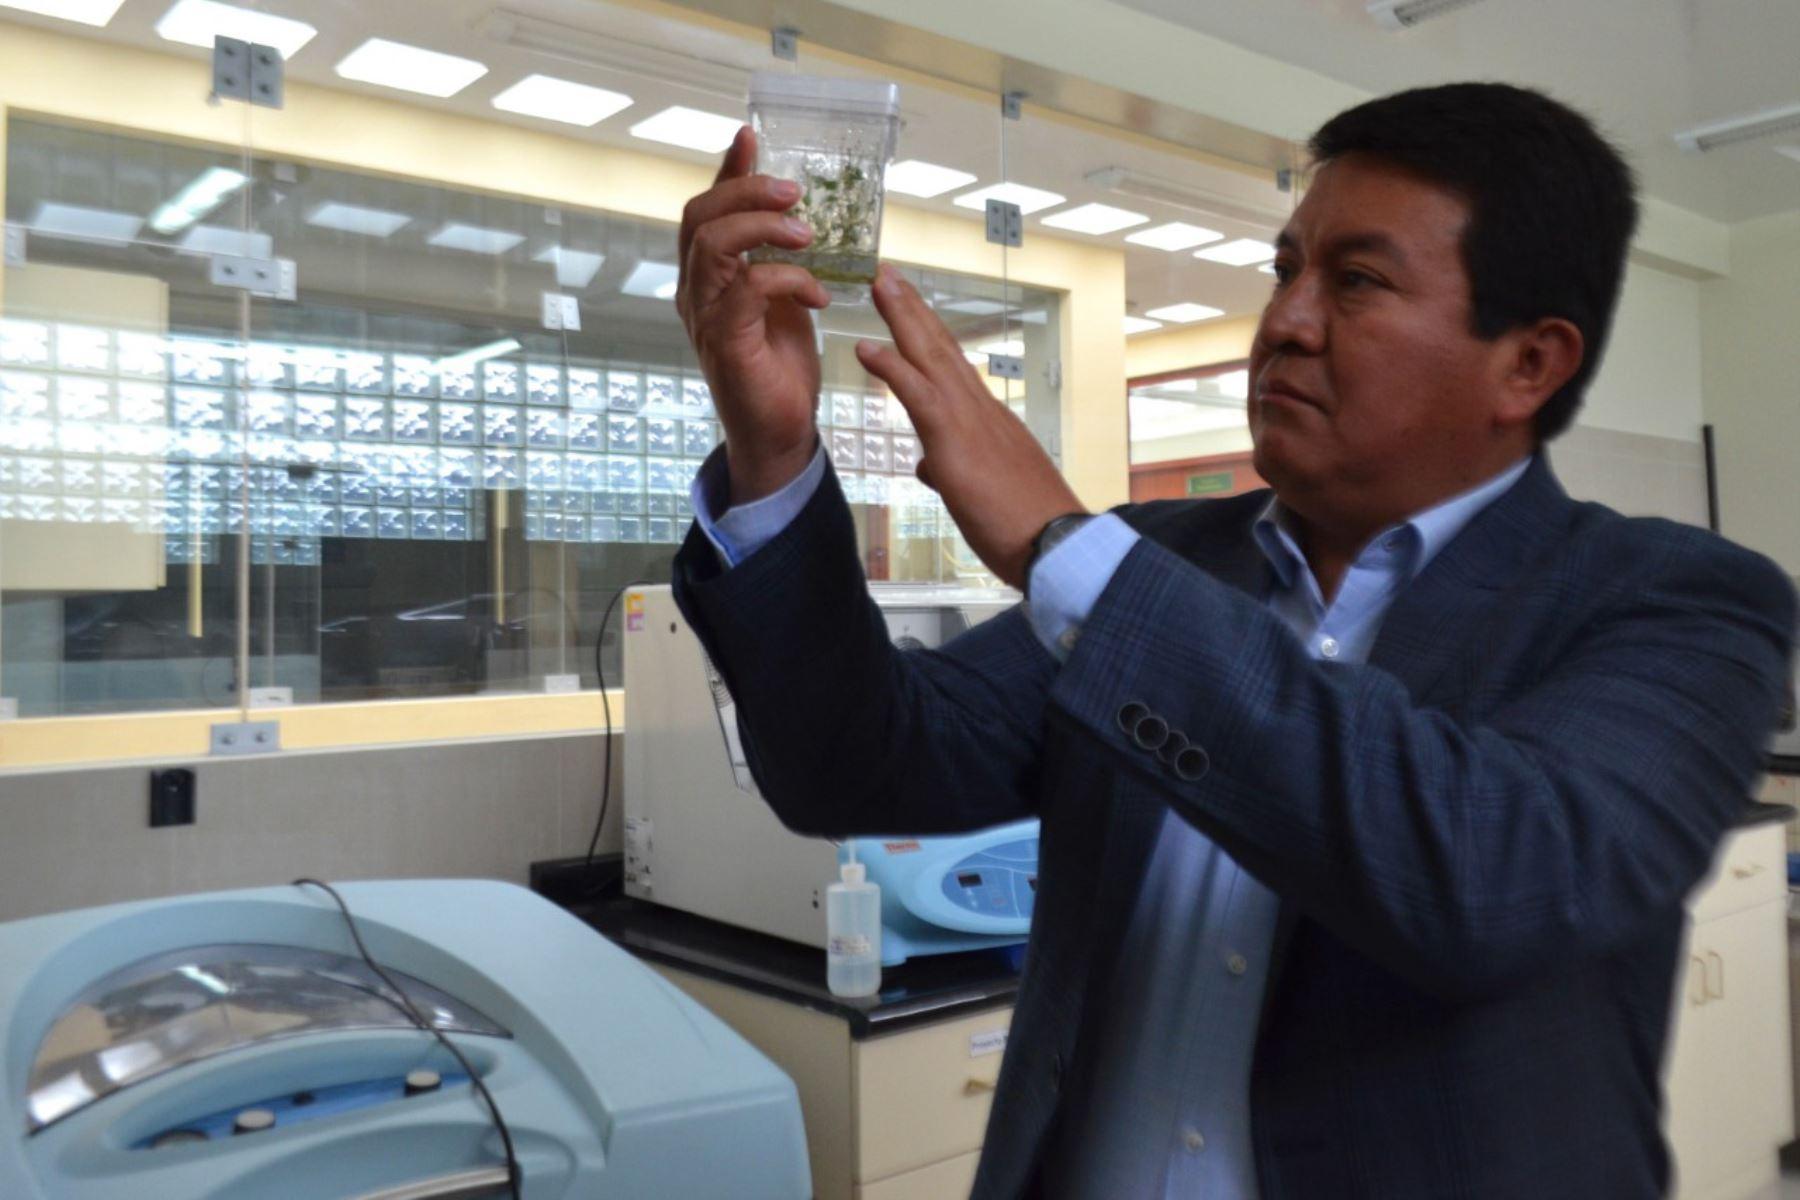 INIA apuesta por la investigación para mejorar calidad agrícola y ganadera, afirma su titular, Jorge Maicelo Quintana.